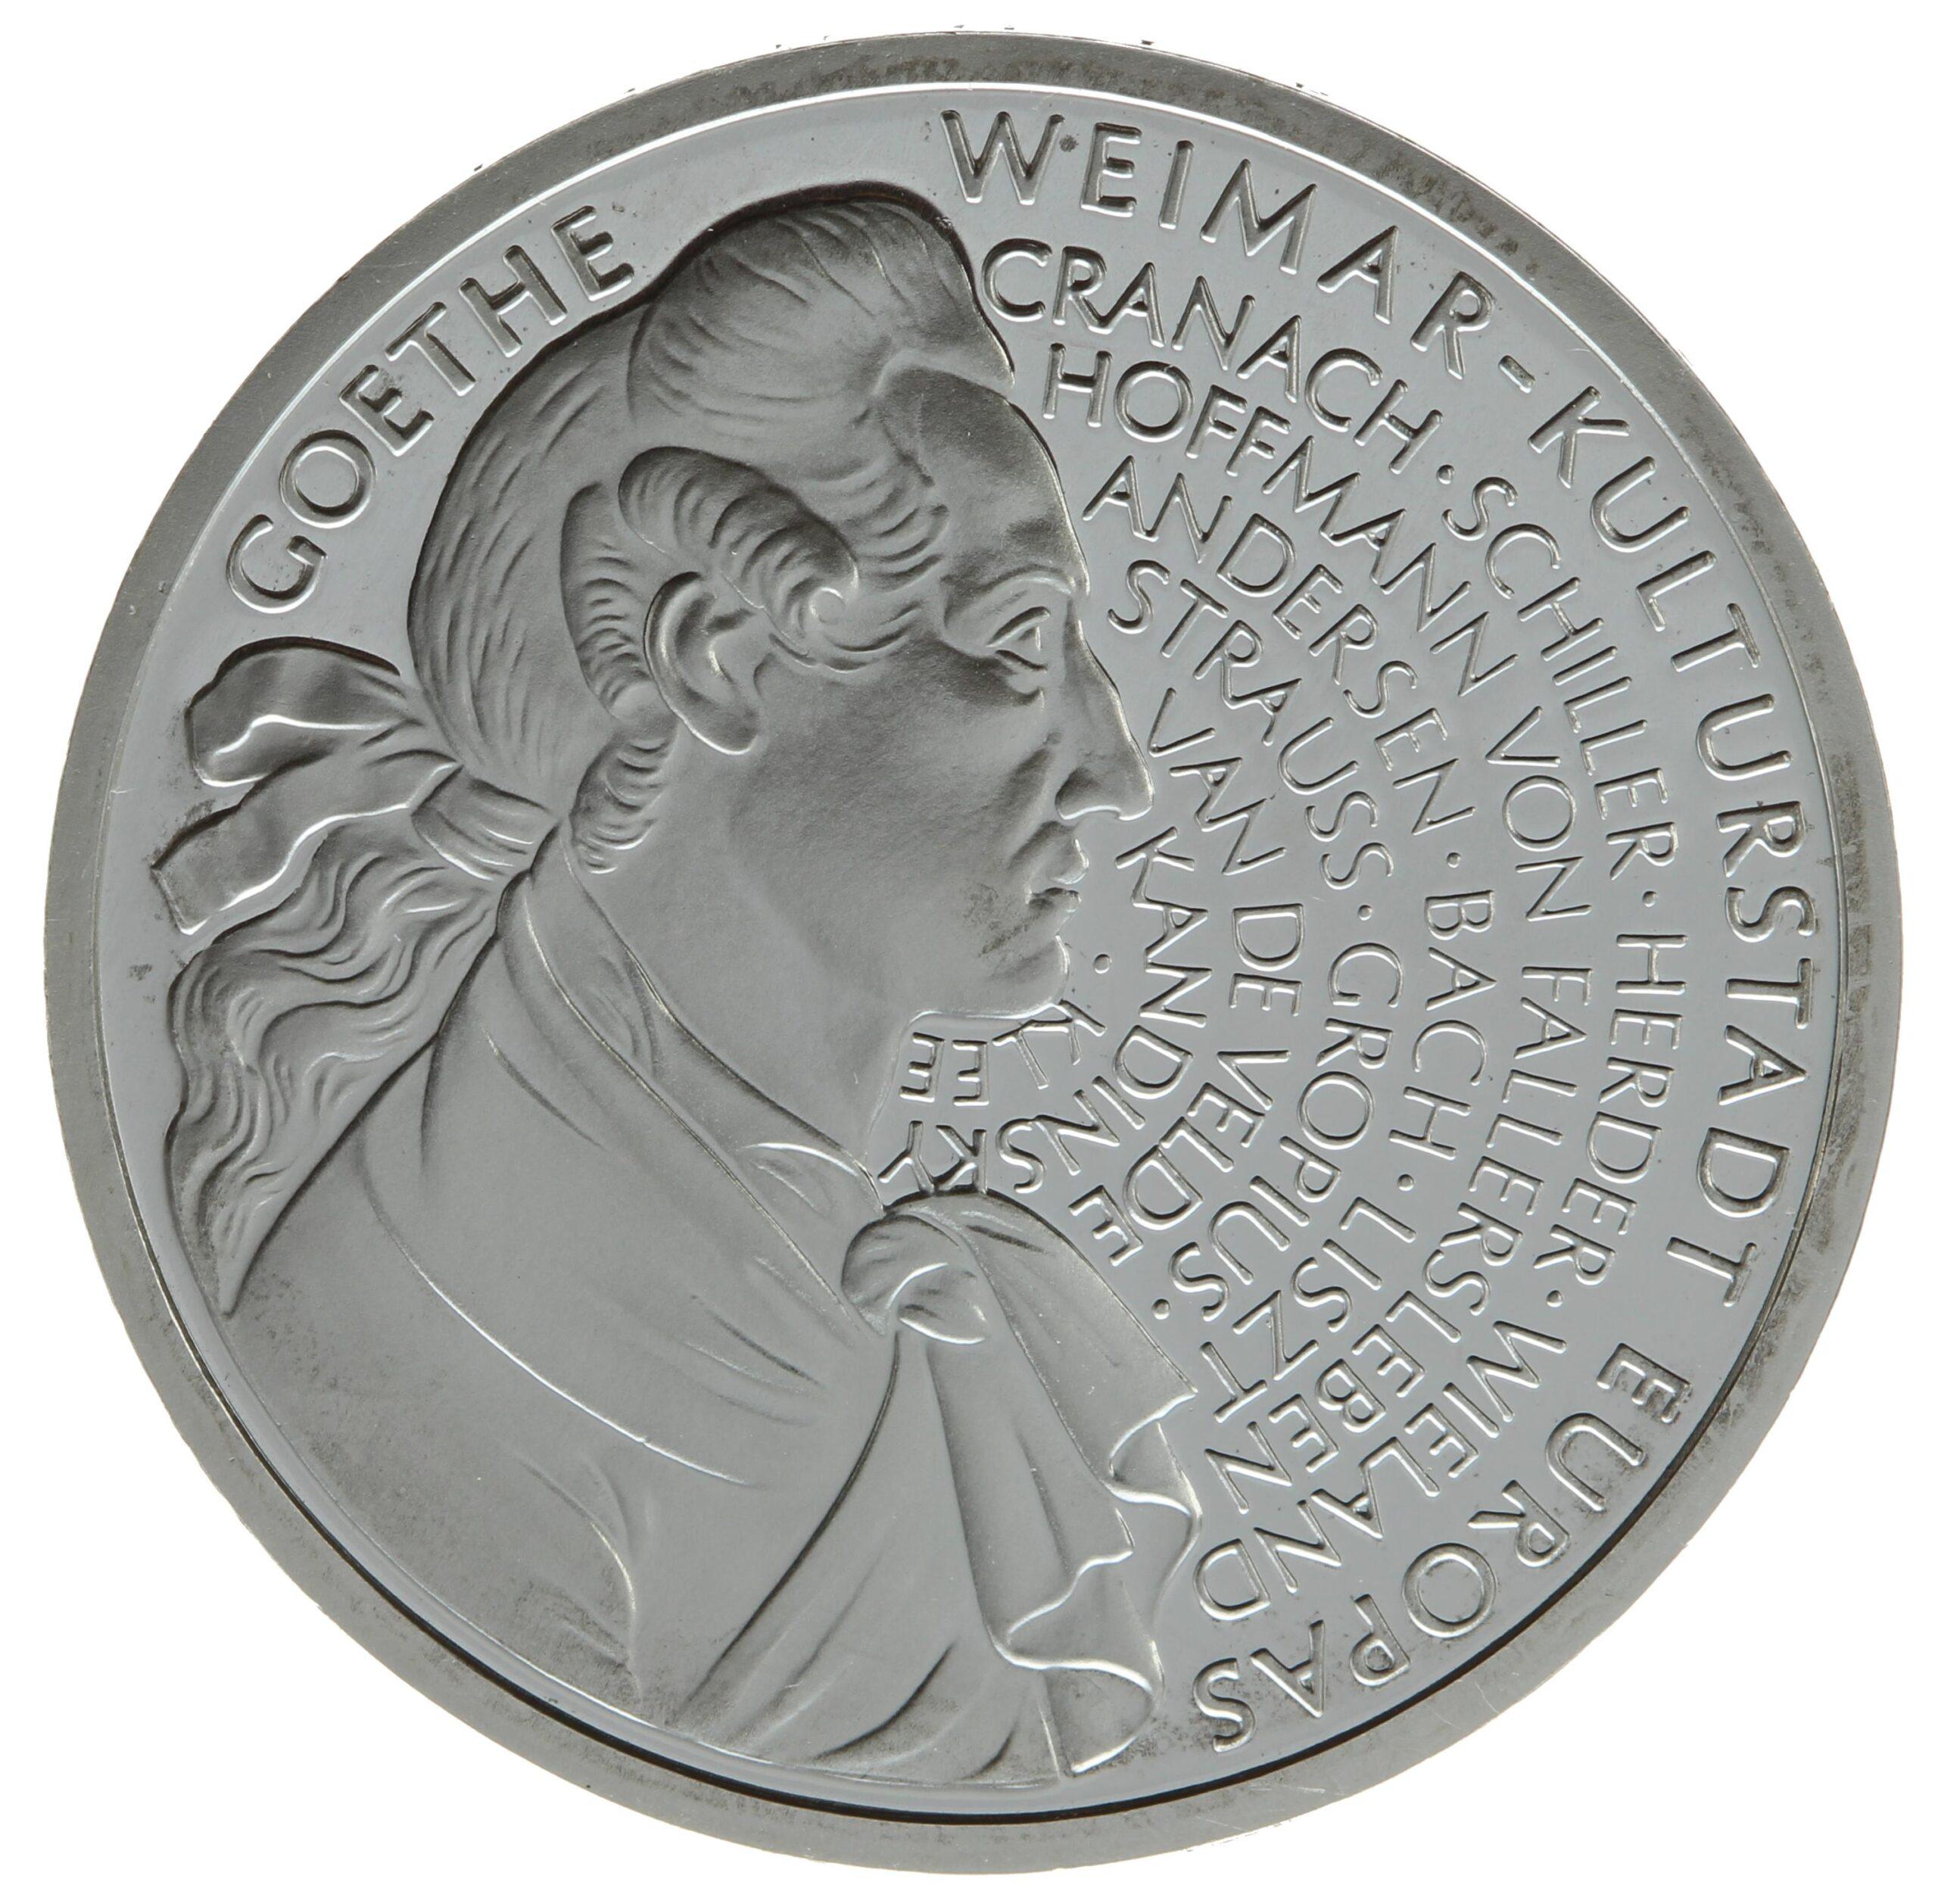 DE 10 Deutsche Mark 1999 D